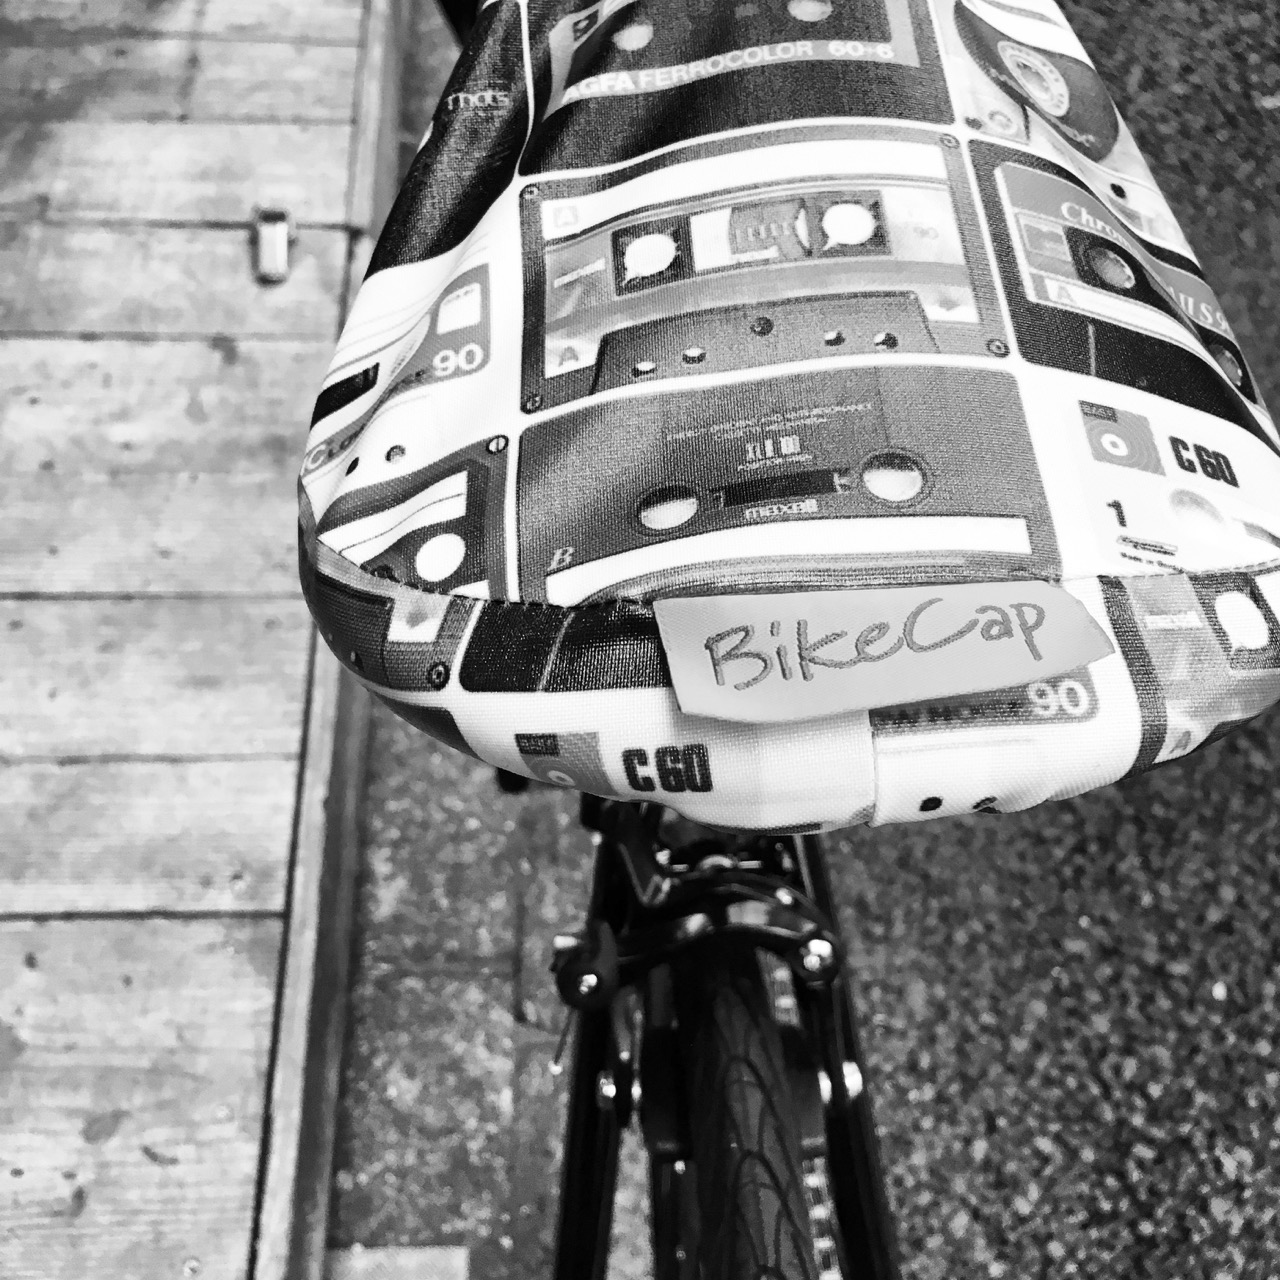 おしゃれ自転車 サドルカバー「bike cap バイクキャップ」再入荷☆自転車雑貨 自転車女子 自転車ガール _b0212032_22401129.jpg